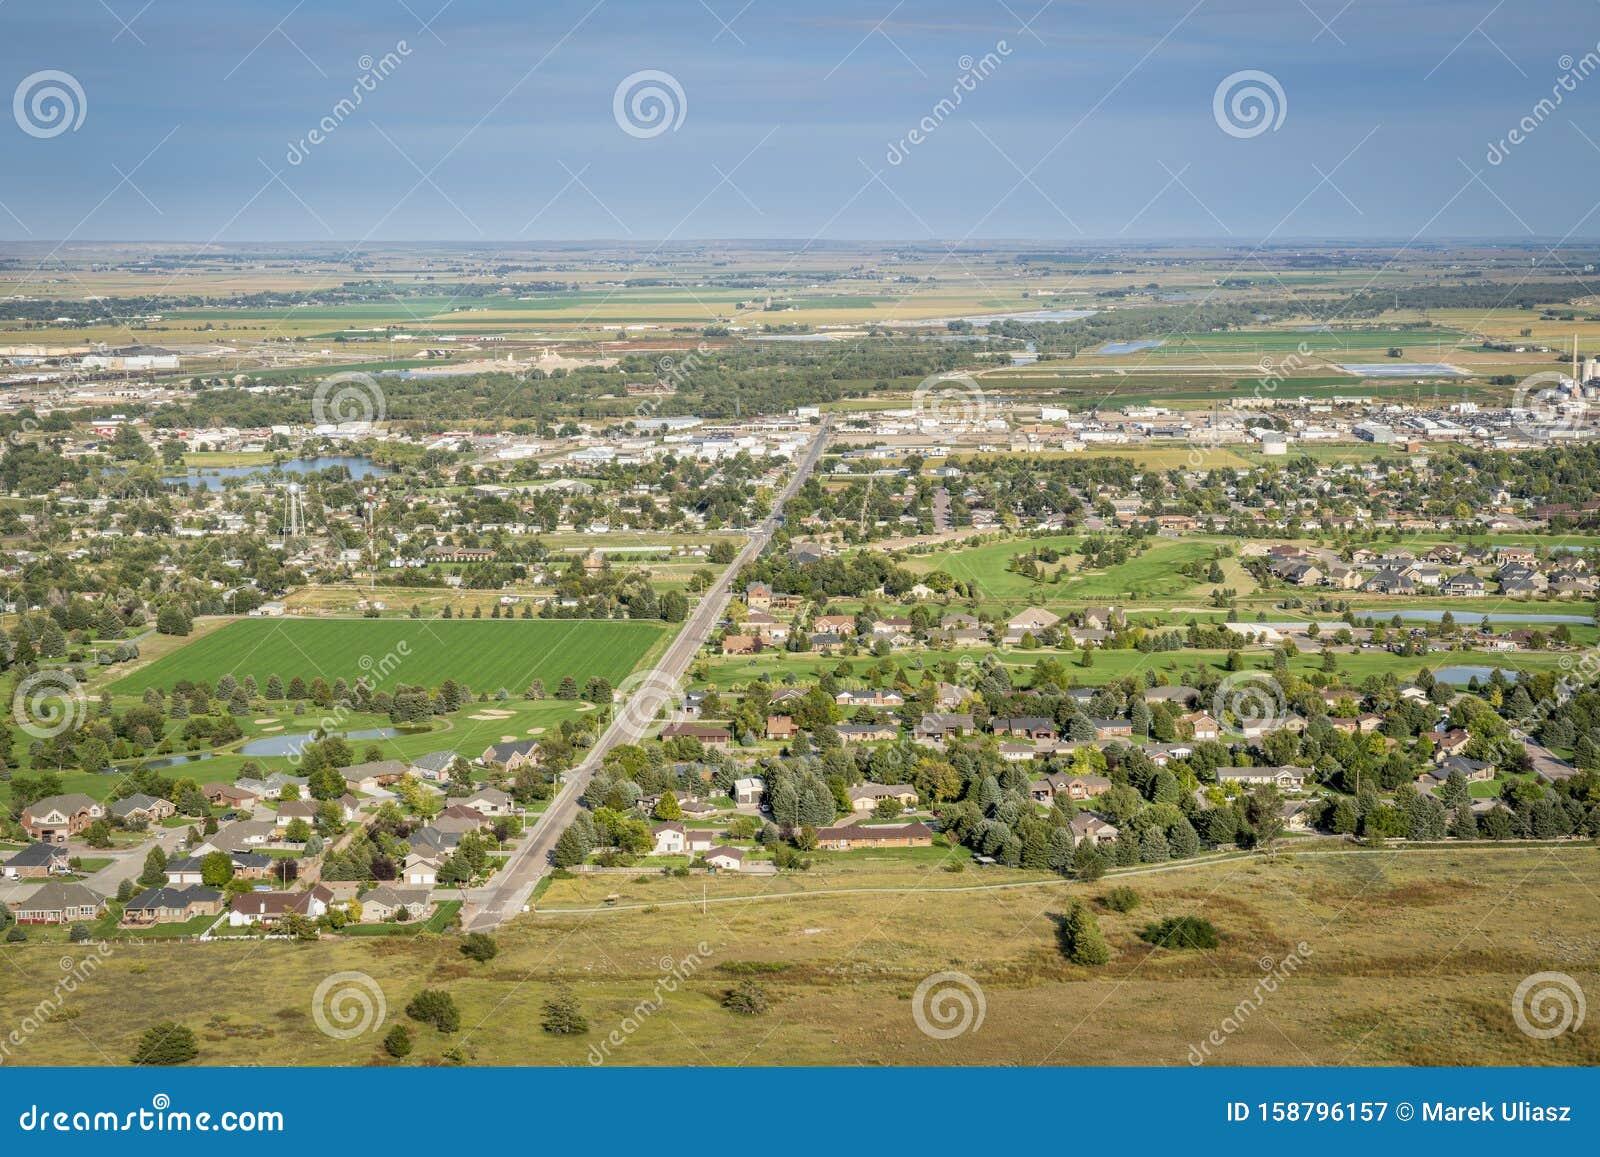 7/6/2017 North Platte River, Scottsbluff, Nebraska